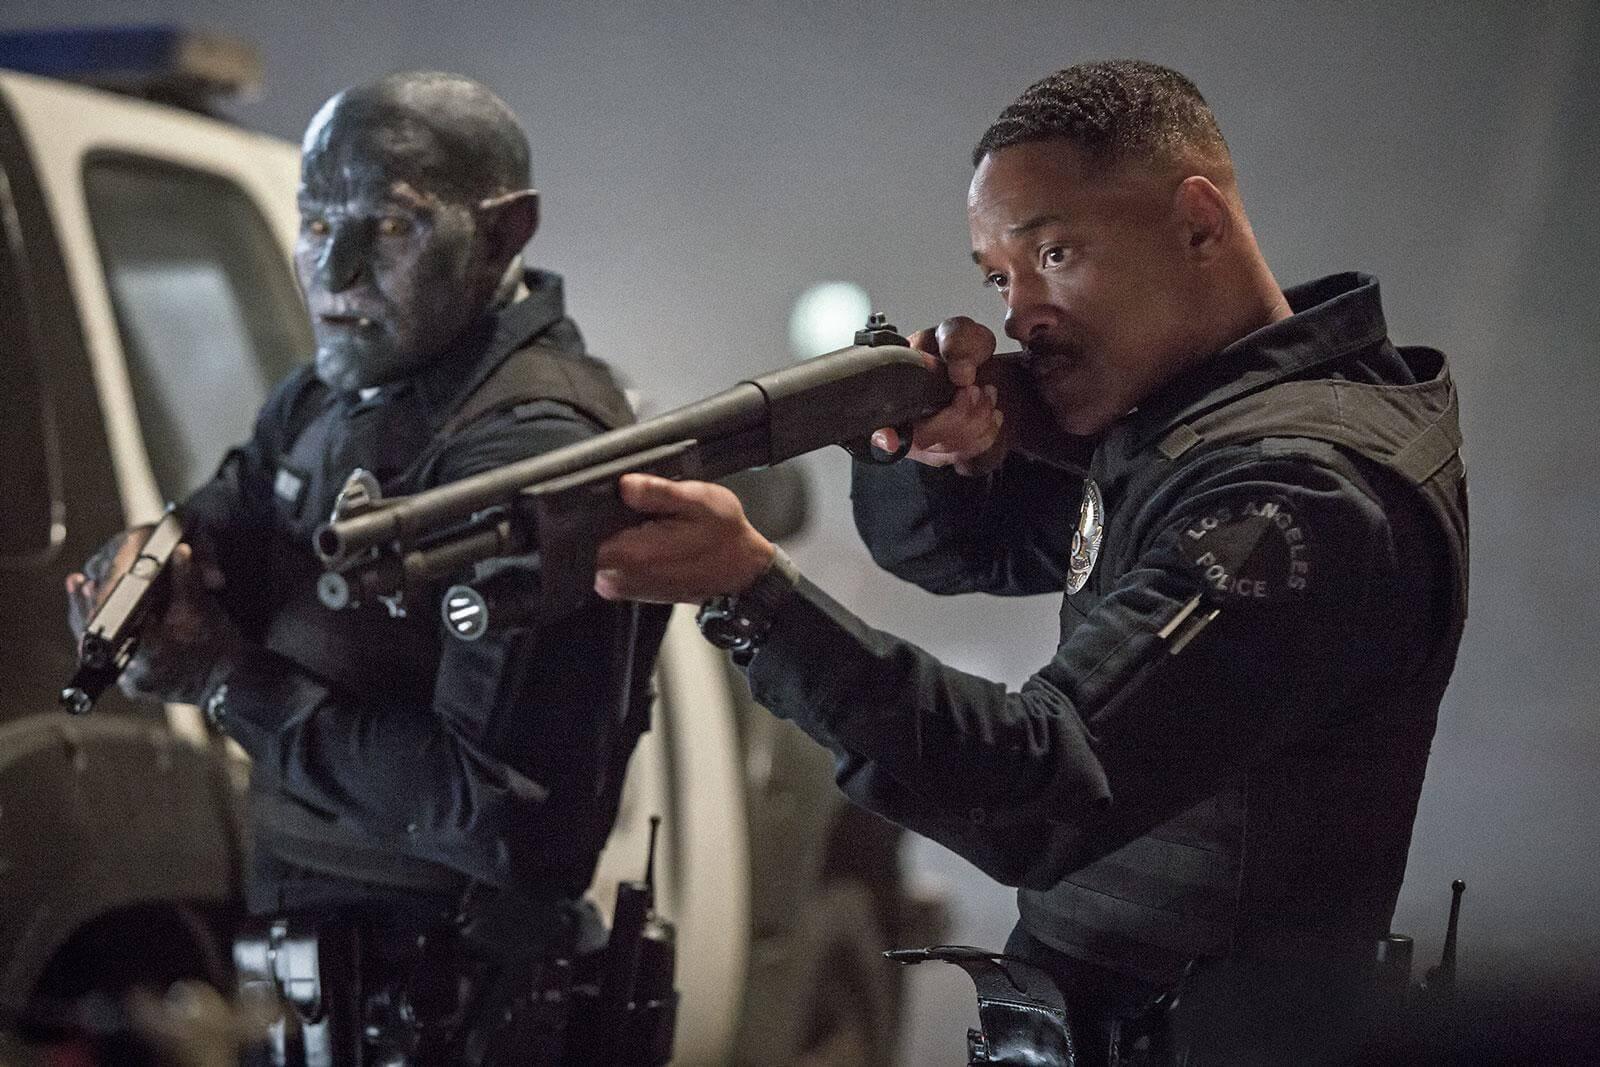 威爾史密斯 外傳可能會投身《自殺突擊隊 2》的製作